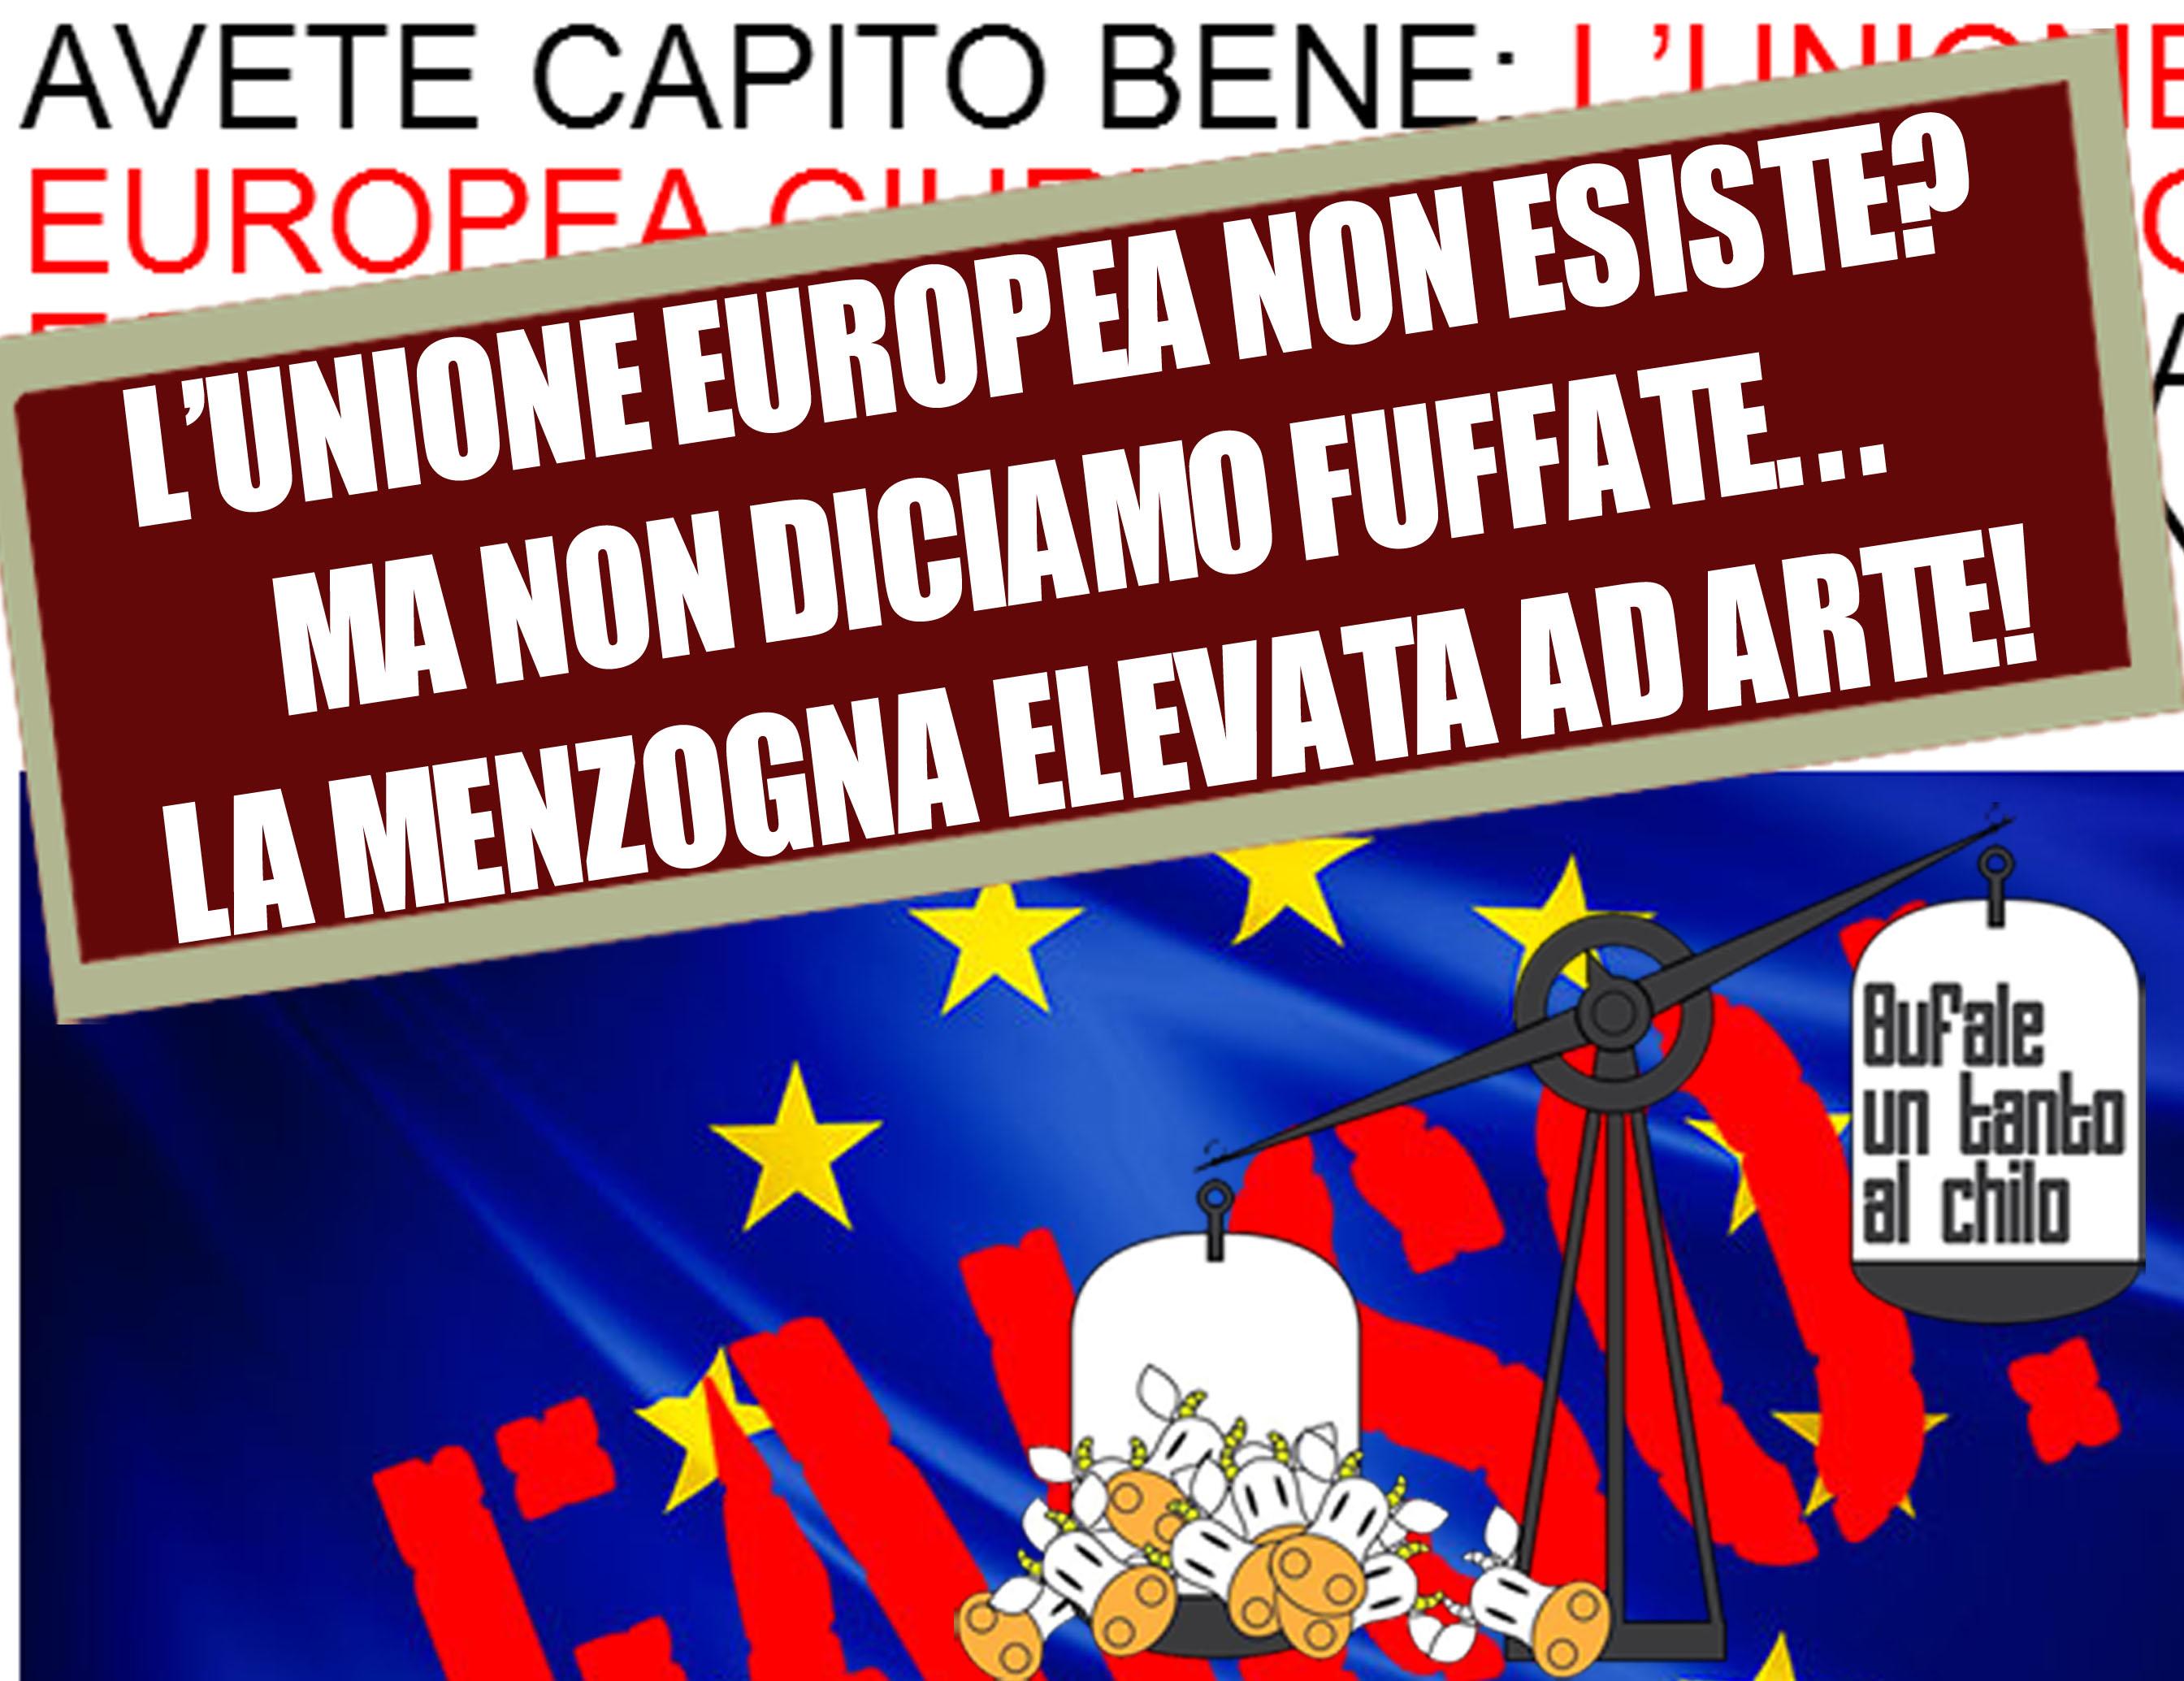 UE-NONESISTE